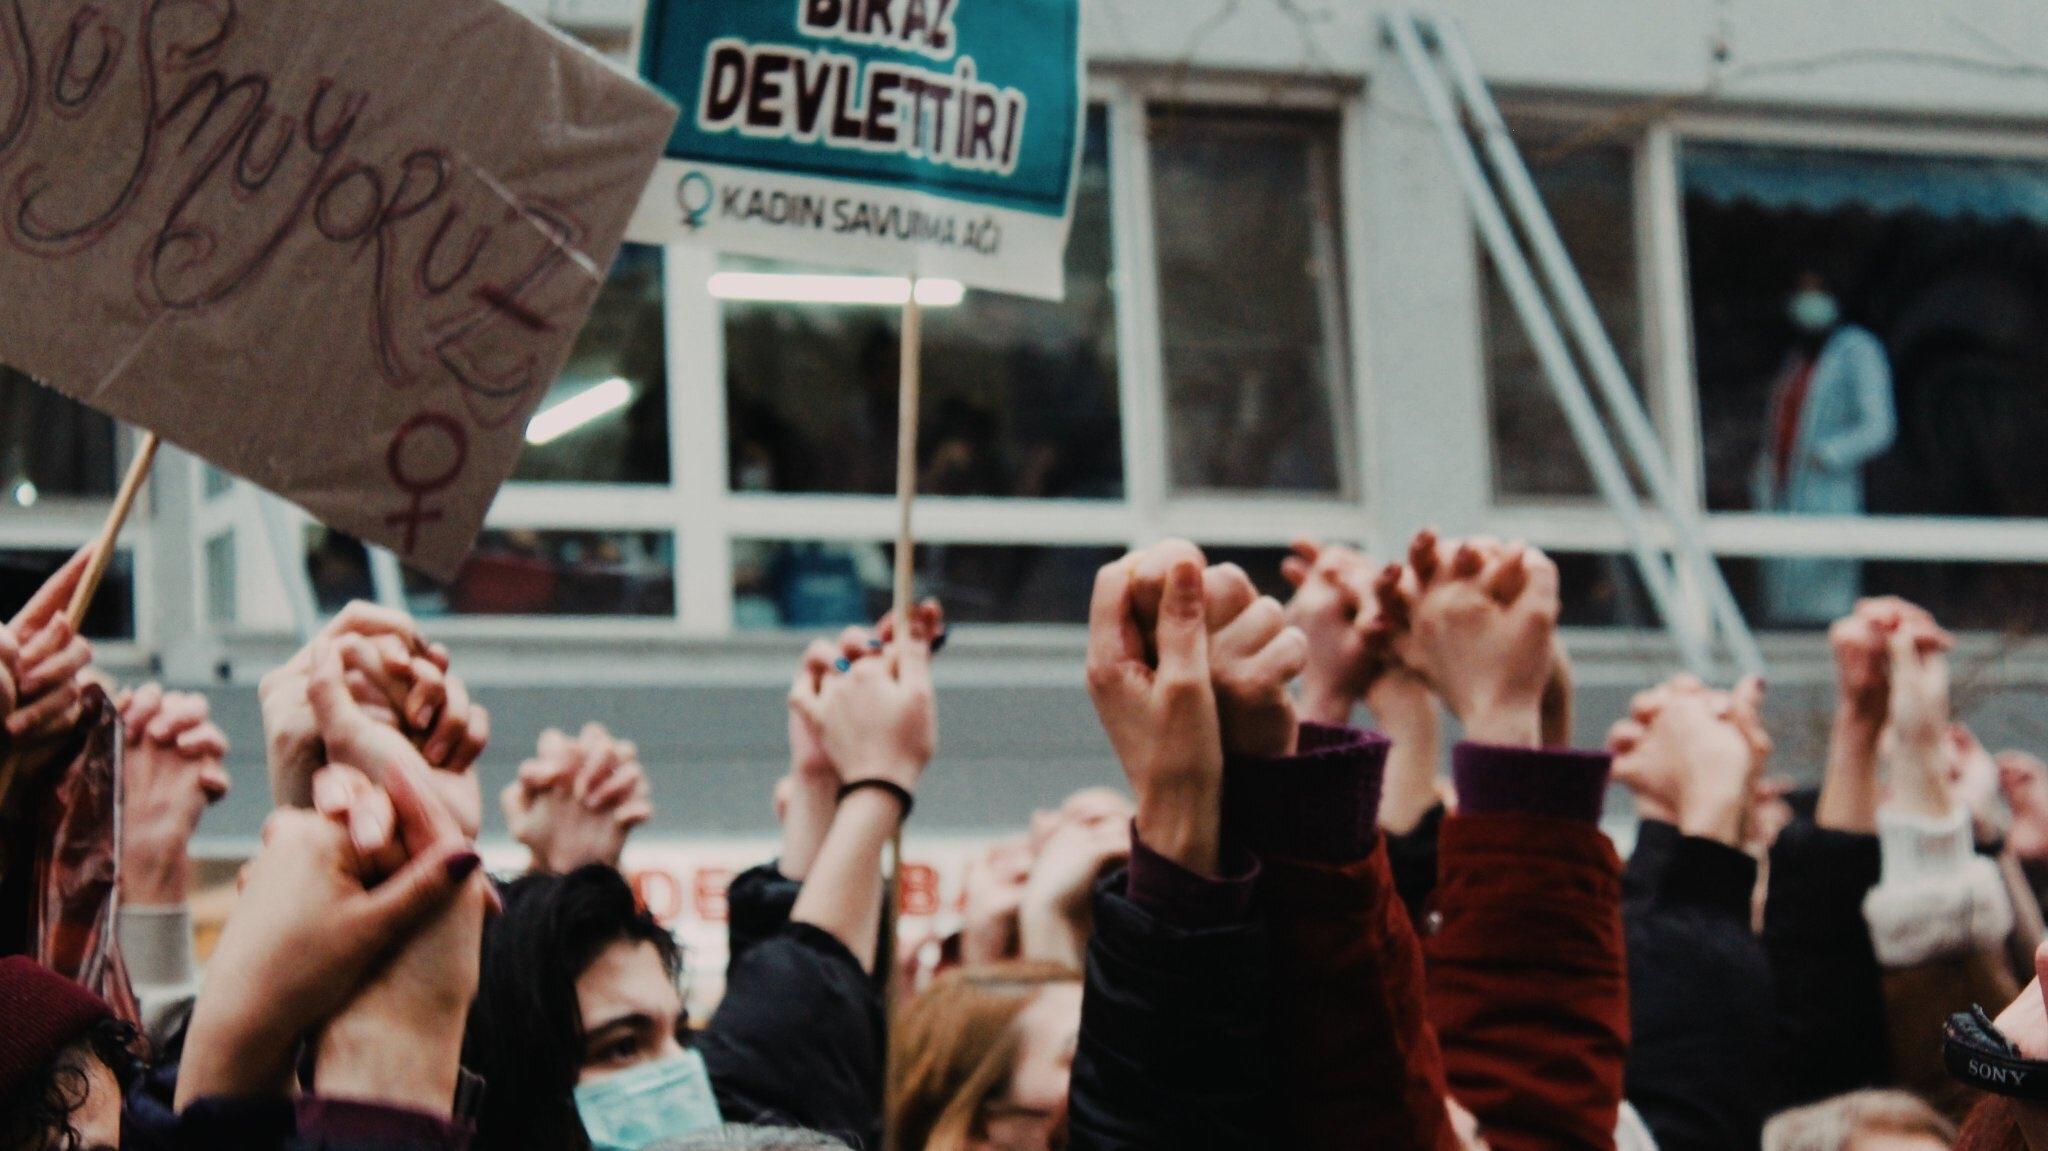 Турция вышла из Стамбульской конвенции: что нужно знать об этом - фото №2